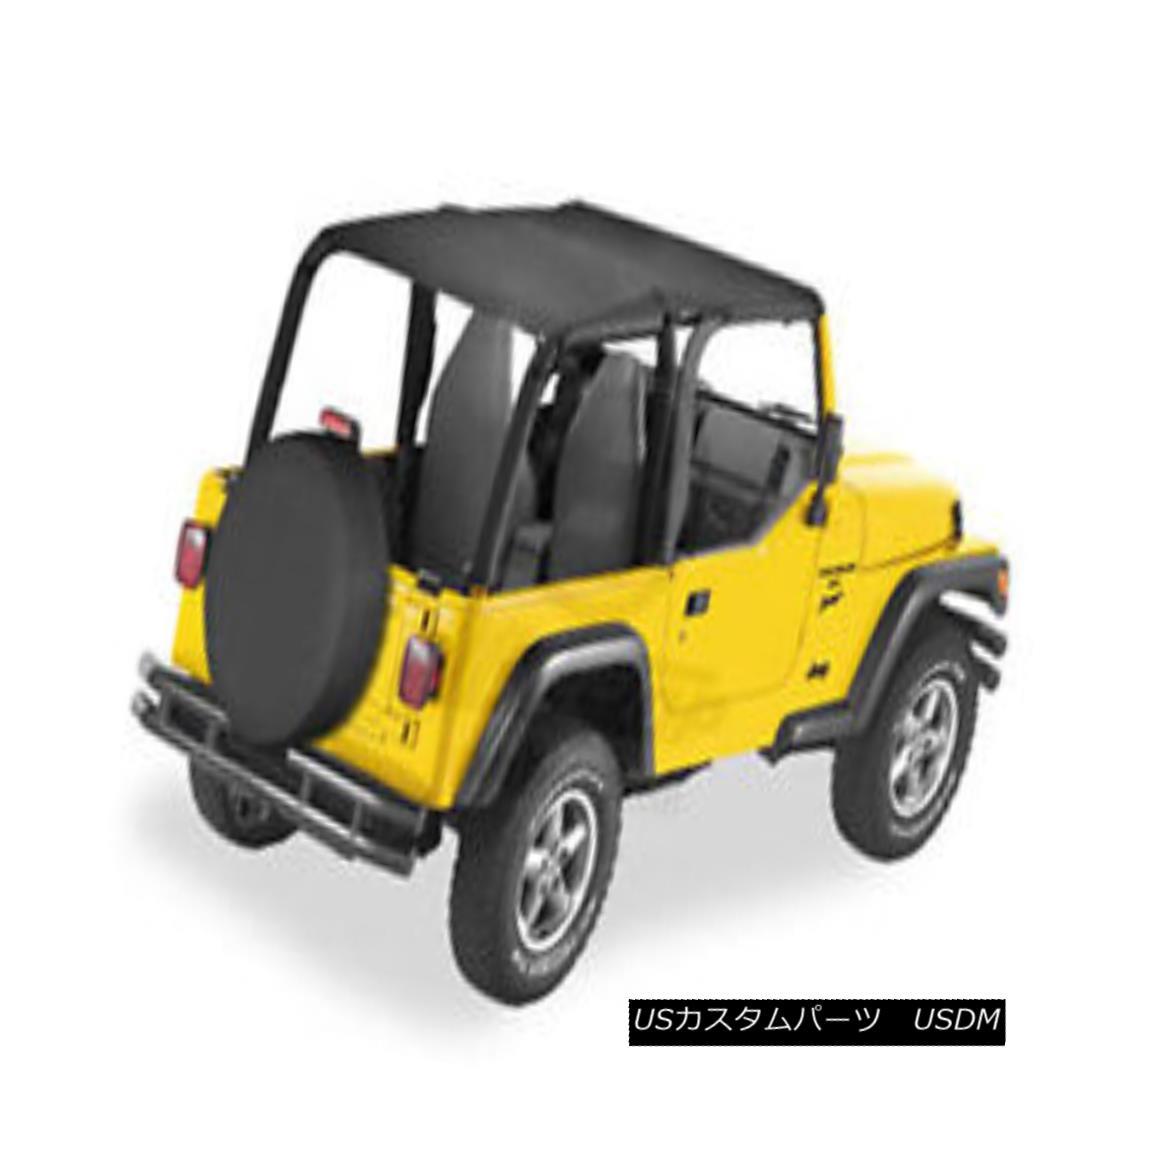 幌・ソフトトップ Bestop Bikini Safari Version for 1997-2002 Jeep Wrangler TJ Black Denim 52530-15 Bestopビキニサファリバージョン1997-2002ジープラングラーTJブラックデニム52530-15